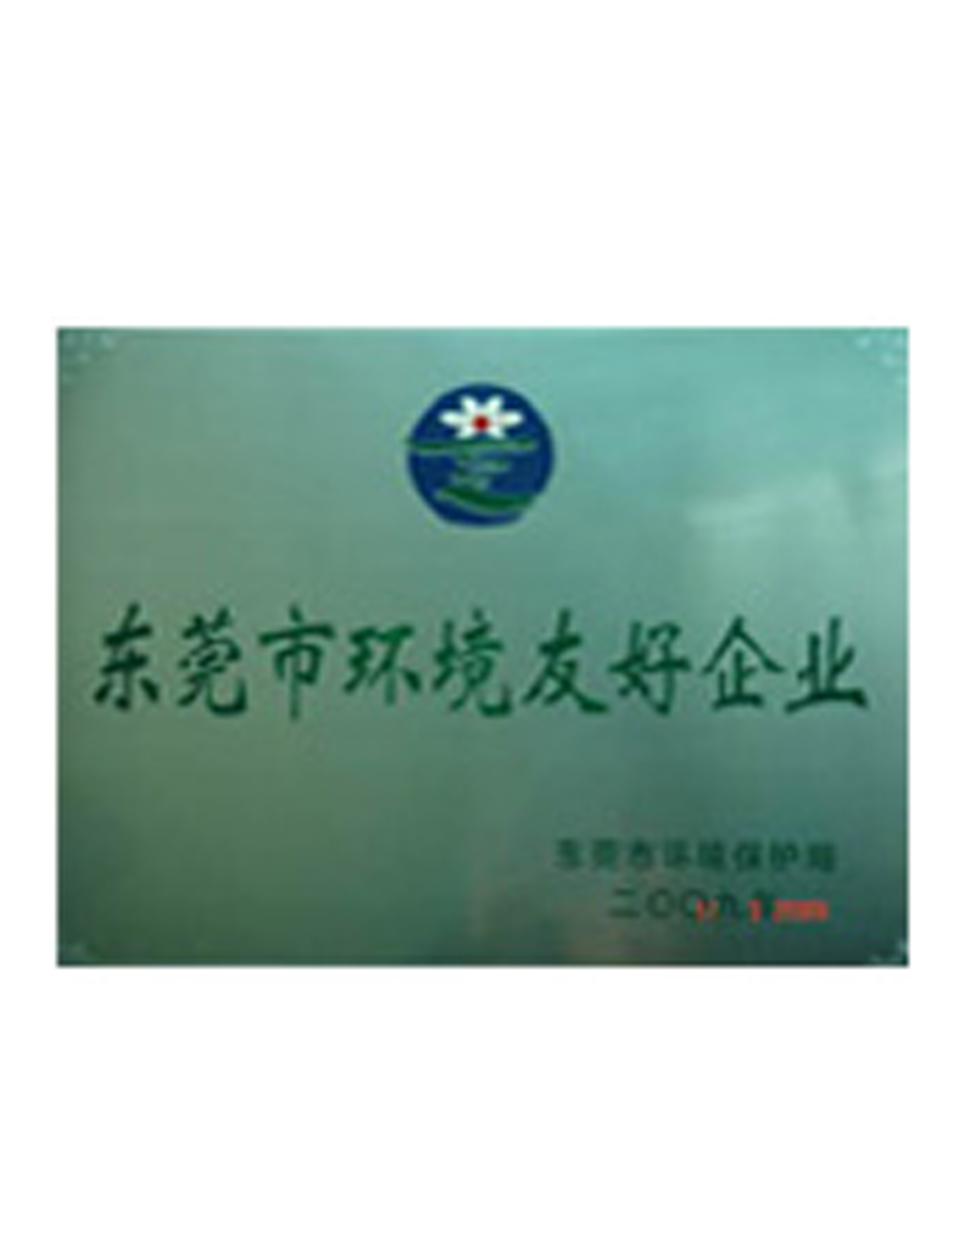 Dongguan Environmental Friendly Enterprise